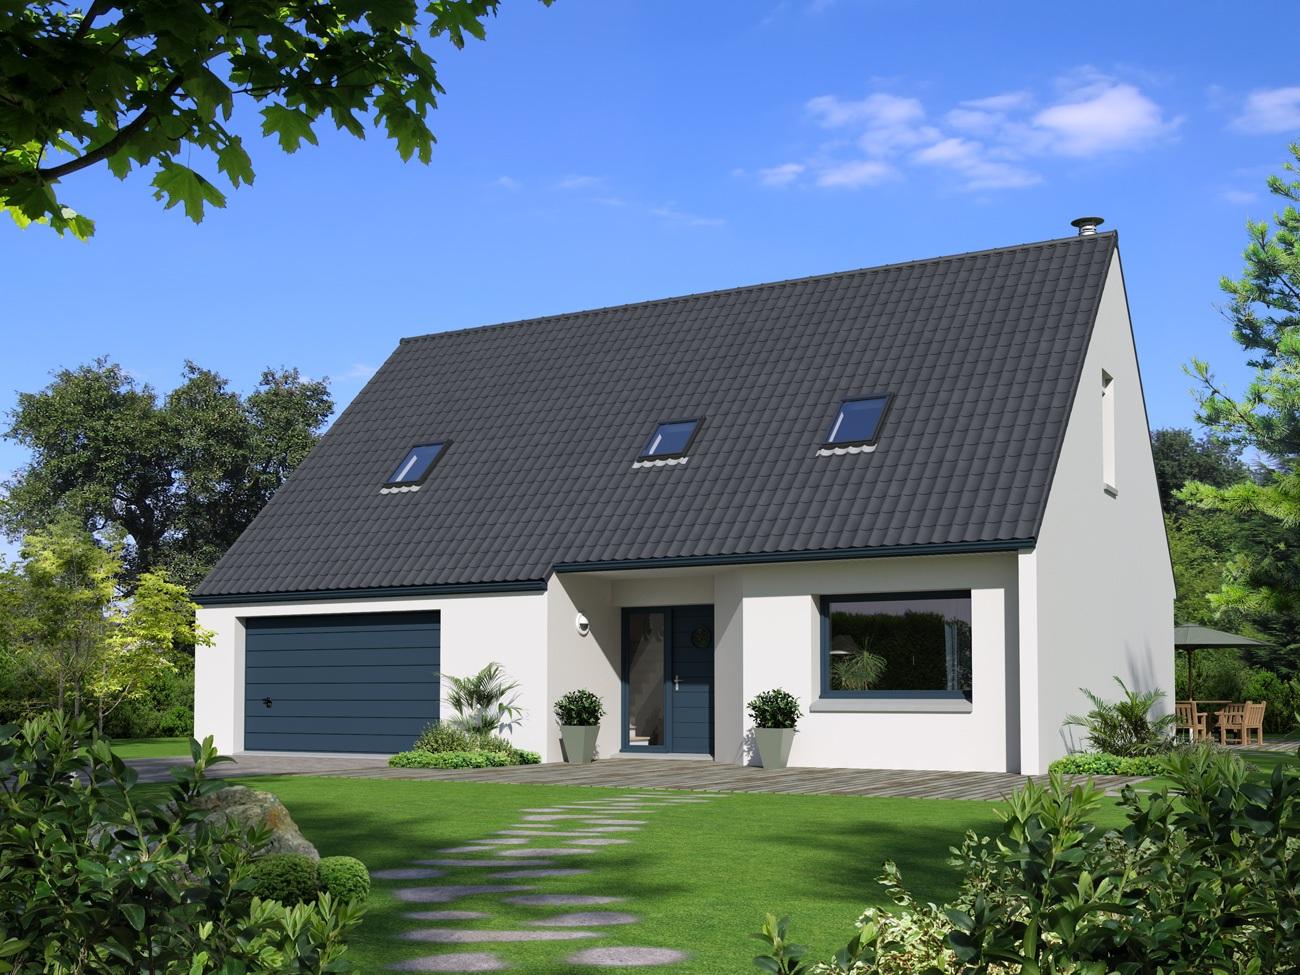 Maisons + Terrains du constructeur MAISON FAMILIALE • 107 m² • CARVIN